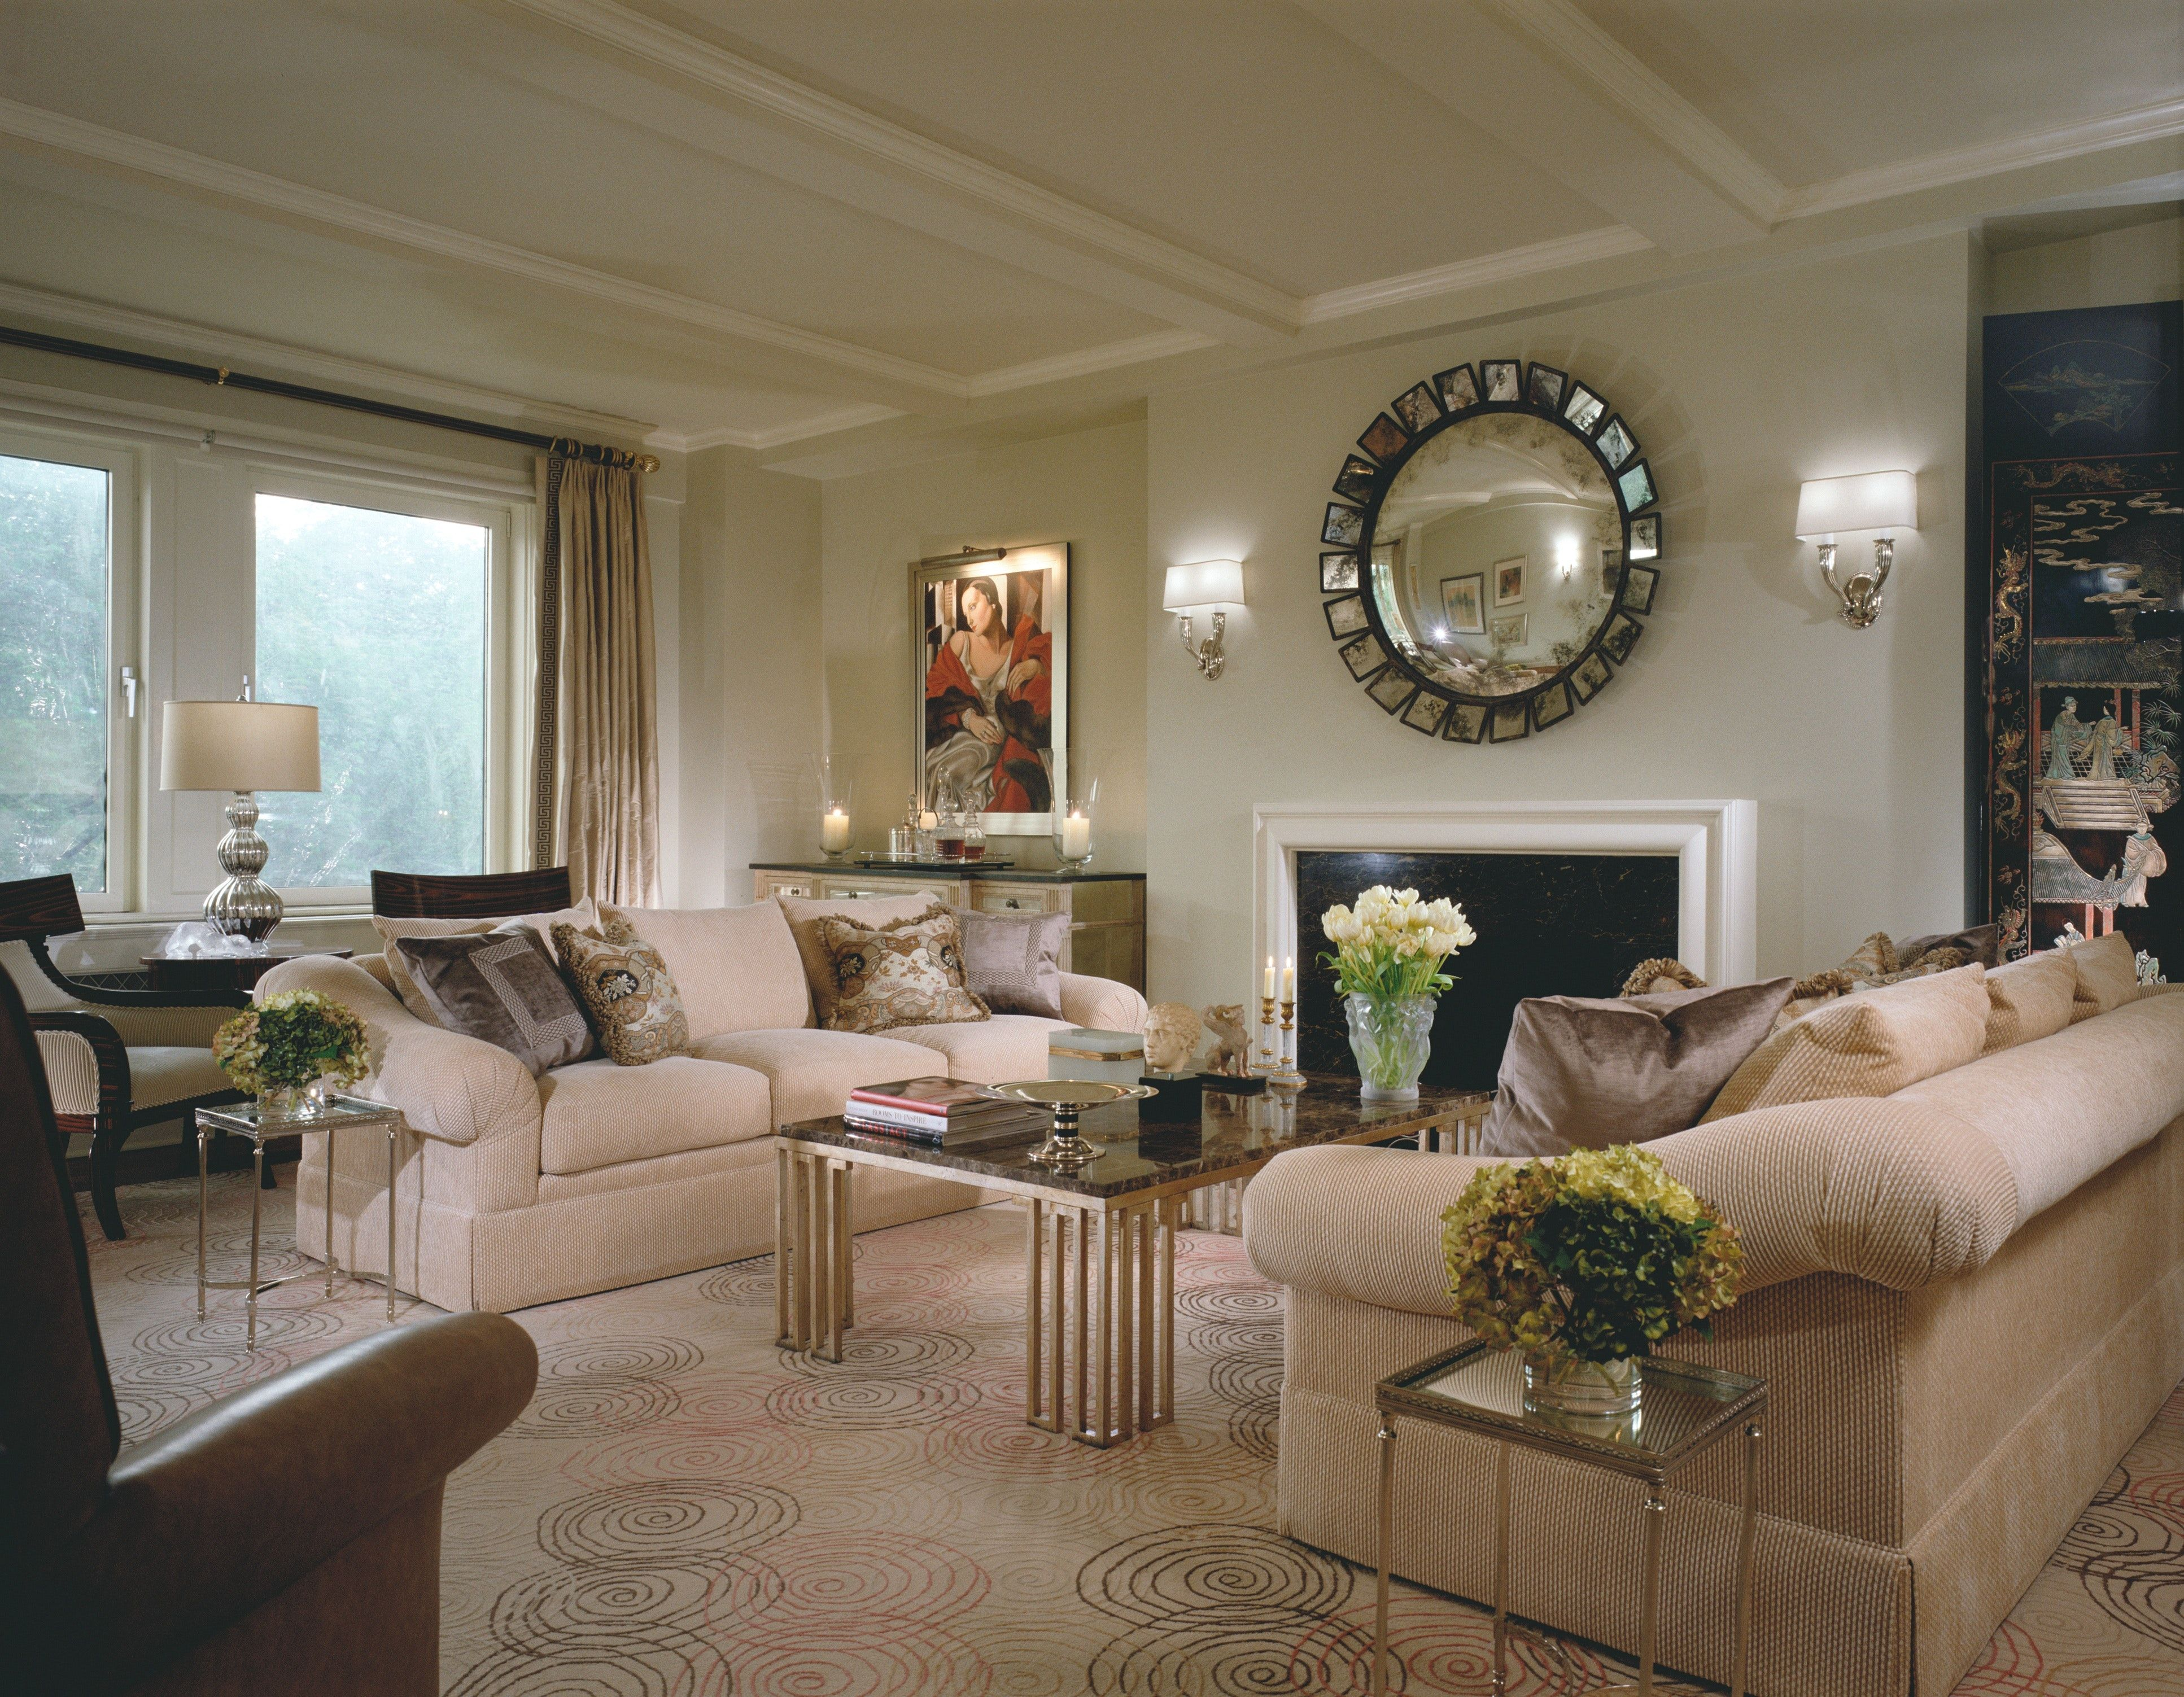 fifth avenue apartment new york city living room interior rh pinterest com